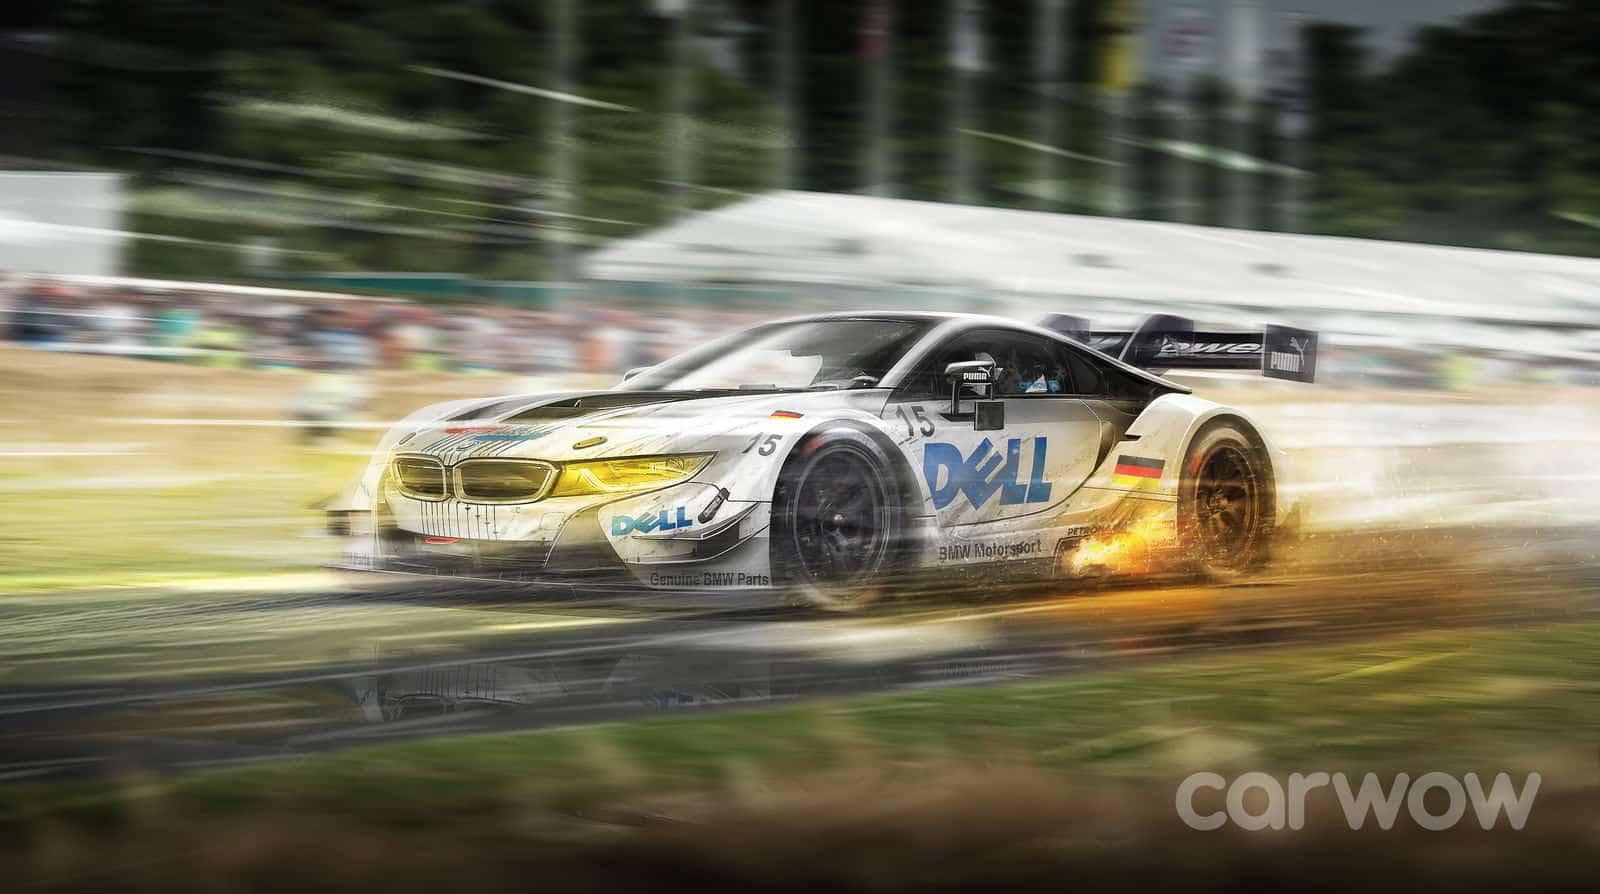 BMW i8 Le Mans